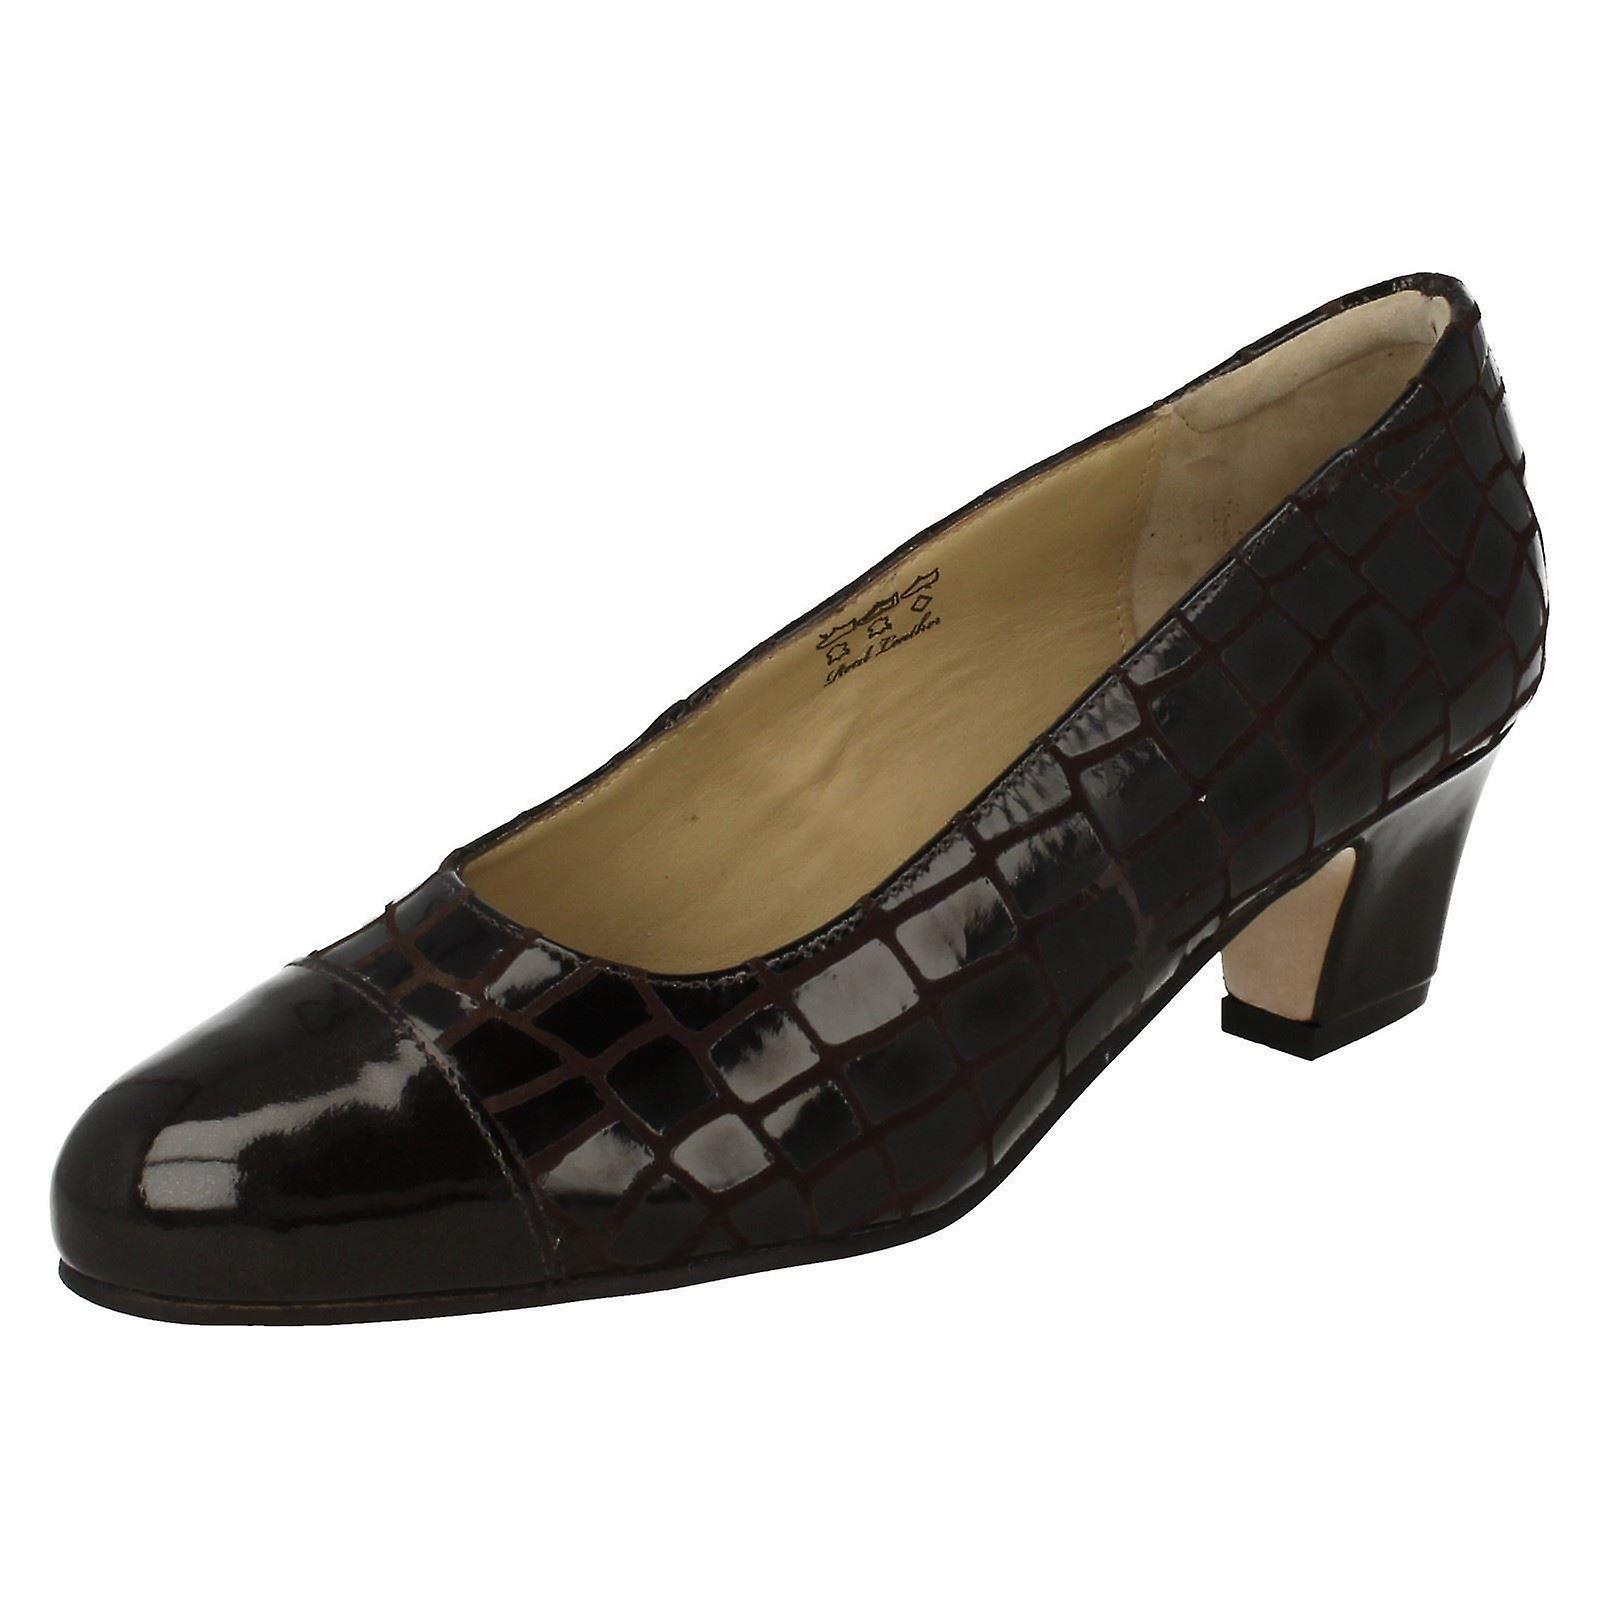 Damen Equity breite passende Gericht Schuhe Camilla